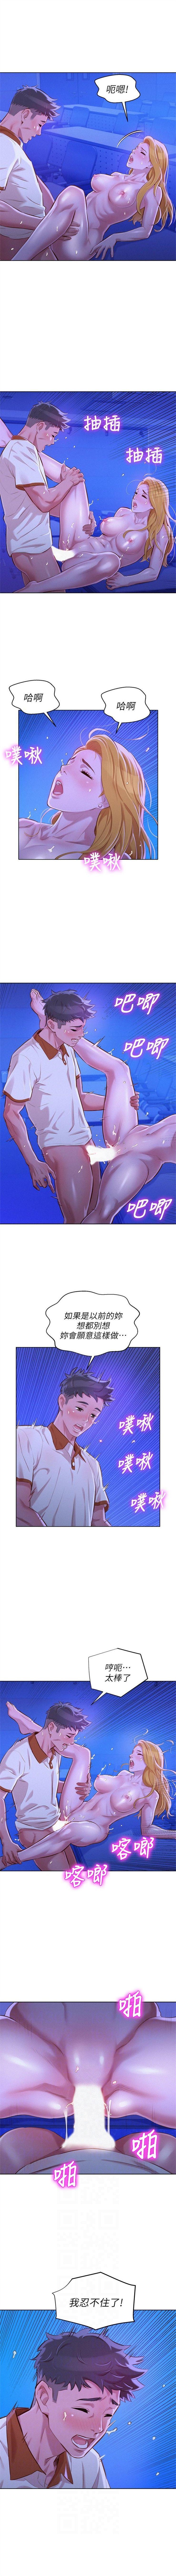 (週7)漂亮幹姐姐  1-92 中文翻譯 (更新中) 342